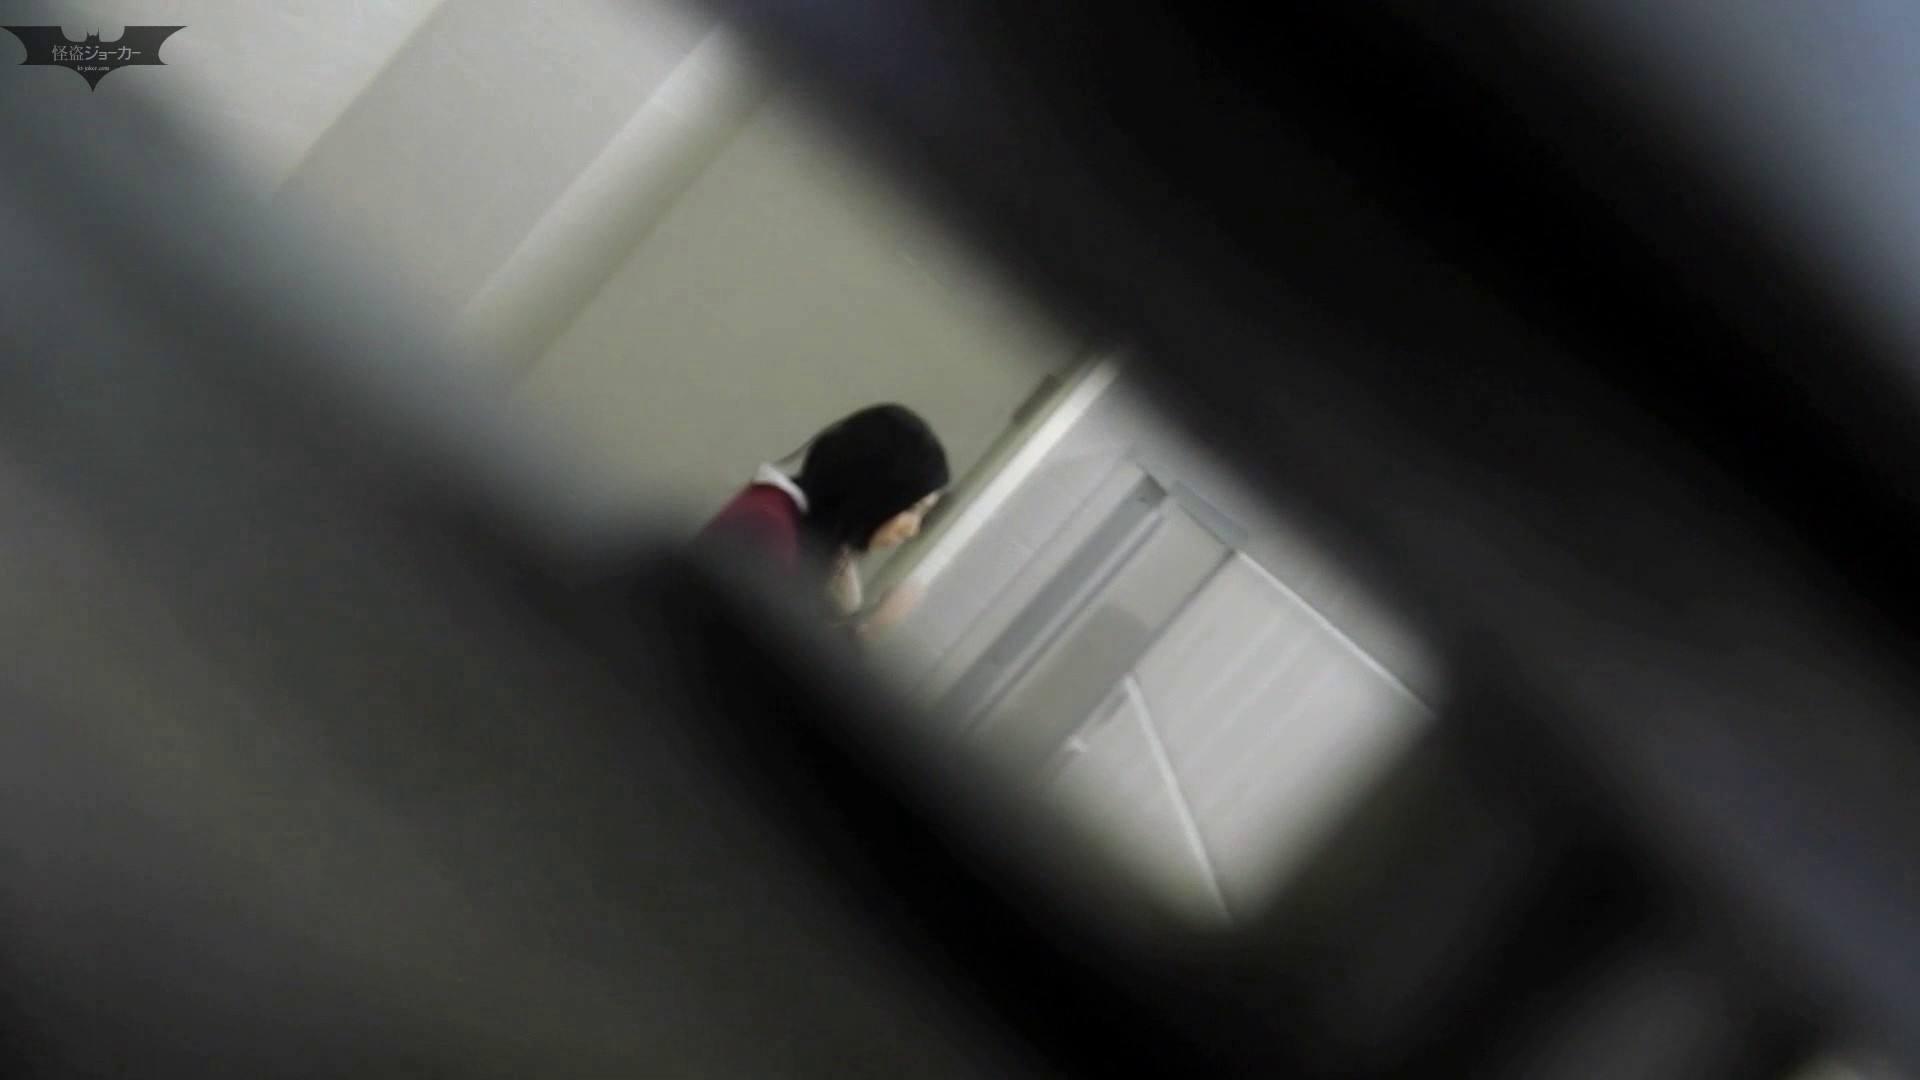 お銀さん vol.59 ピンチ!!「鏡の前で祈る女性」にばれる危機 洗面所着替え | OL  48連発 3